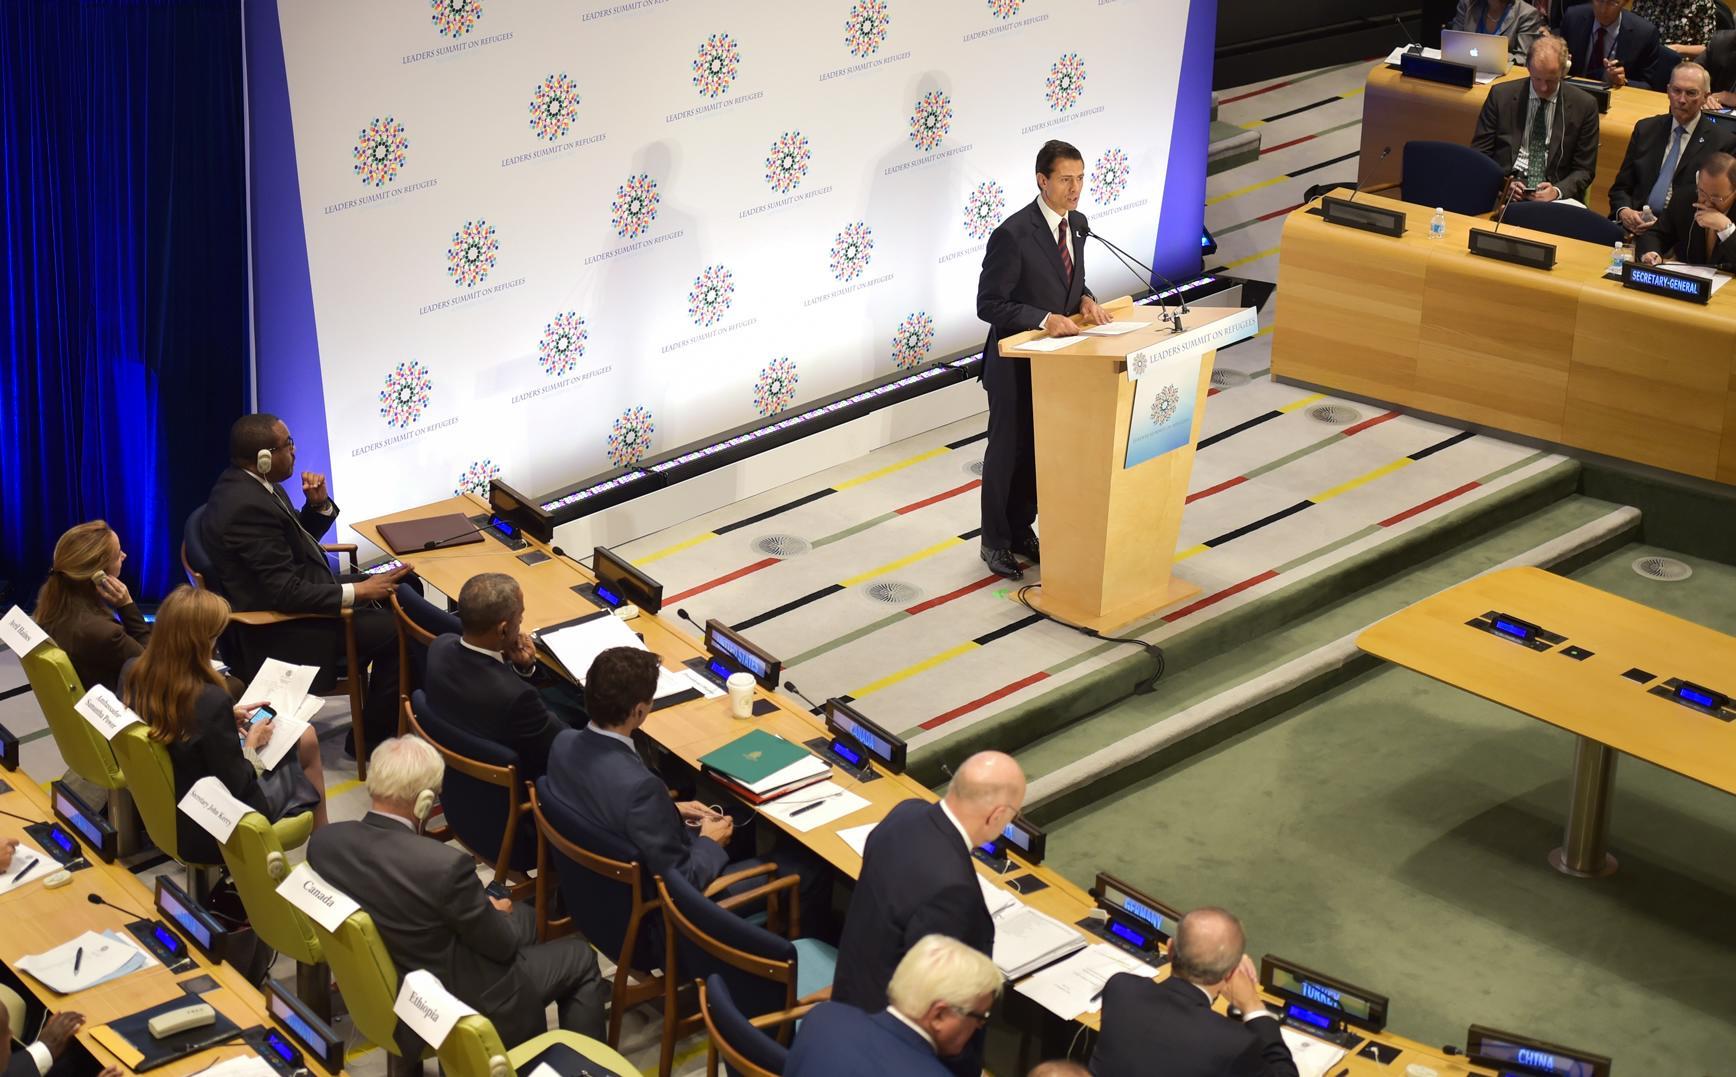 El Mandatario mexicano copresidió la Cumbre de Líderes sobre Refugiados, junto con el Presidente de los Estados Unidos, Barack Obama, y el Secretario General de la ONU, Ban Ki-moon.